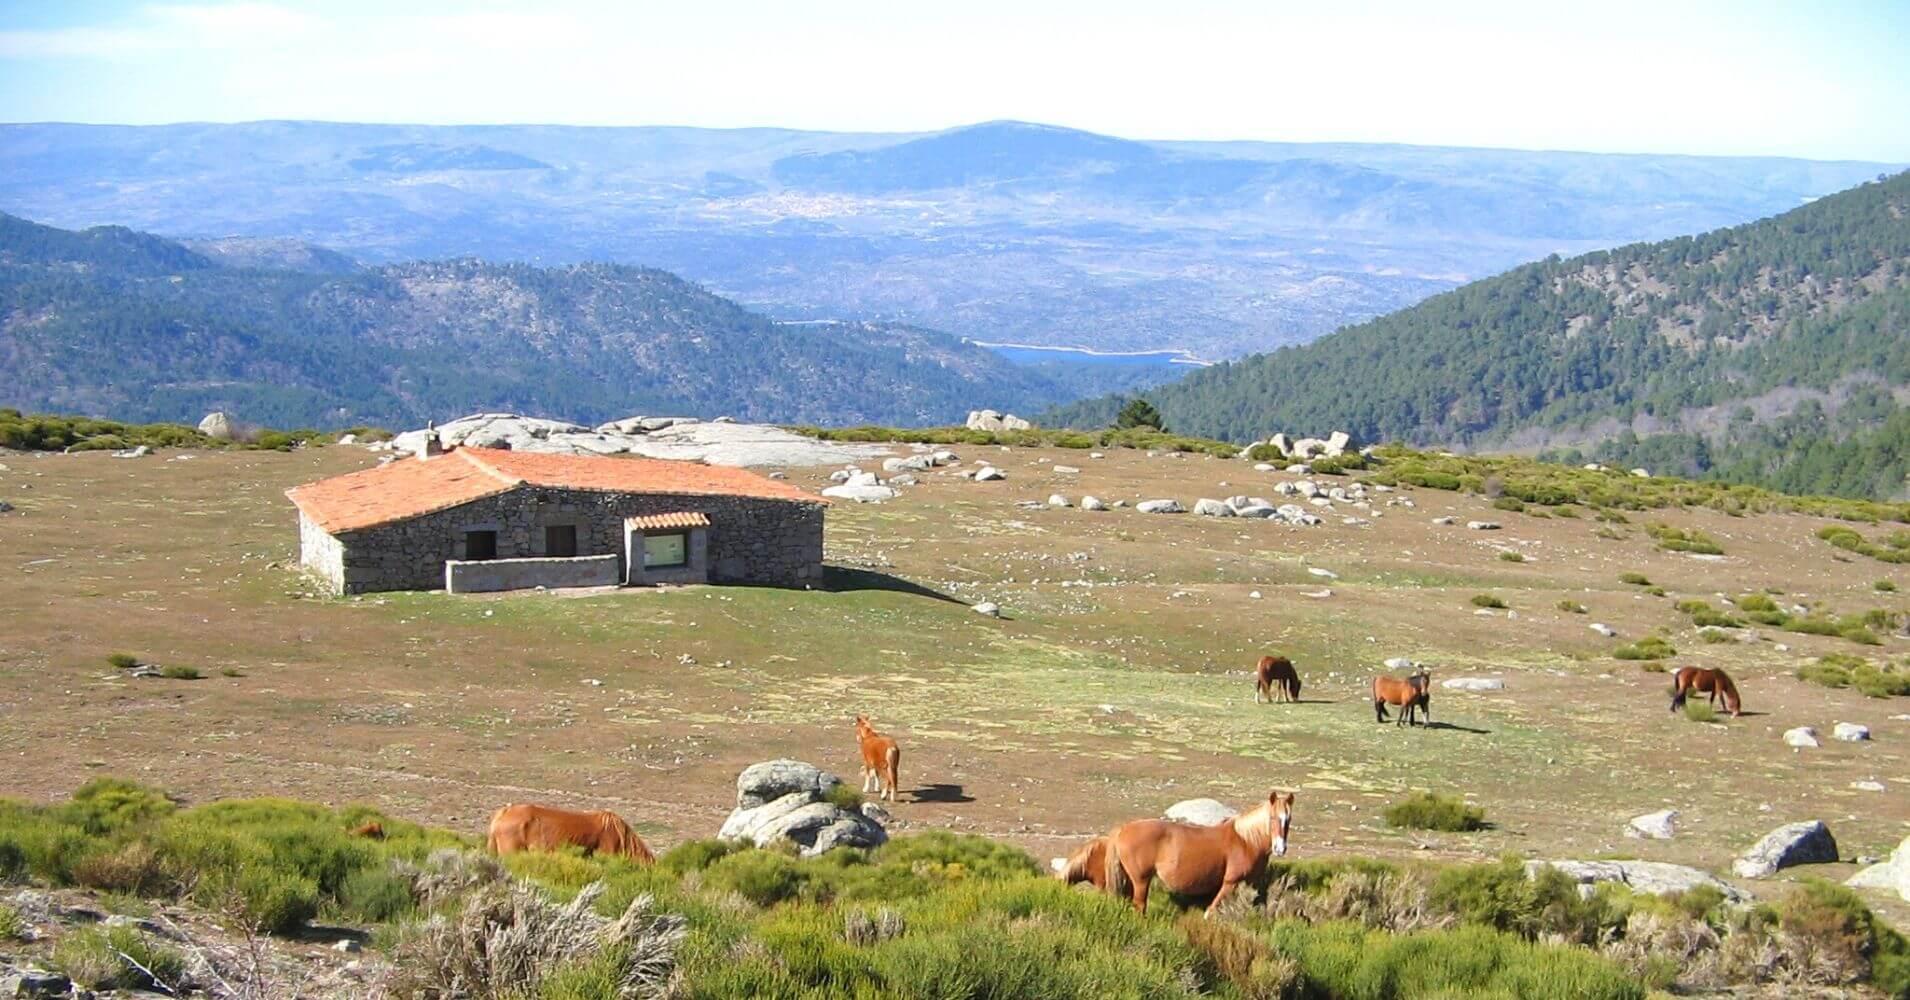 Pradera del Pozo de la Nieva, Valle de Iruelas. Ávila. Castilla y León.